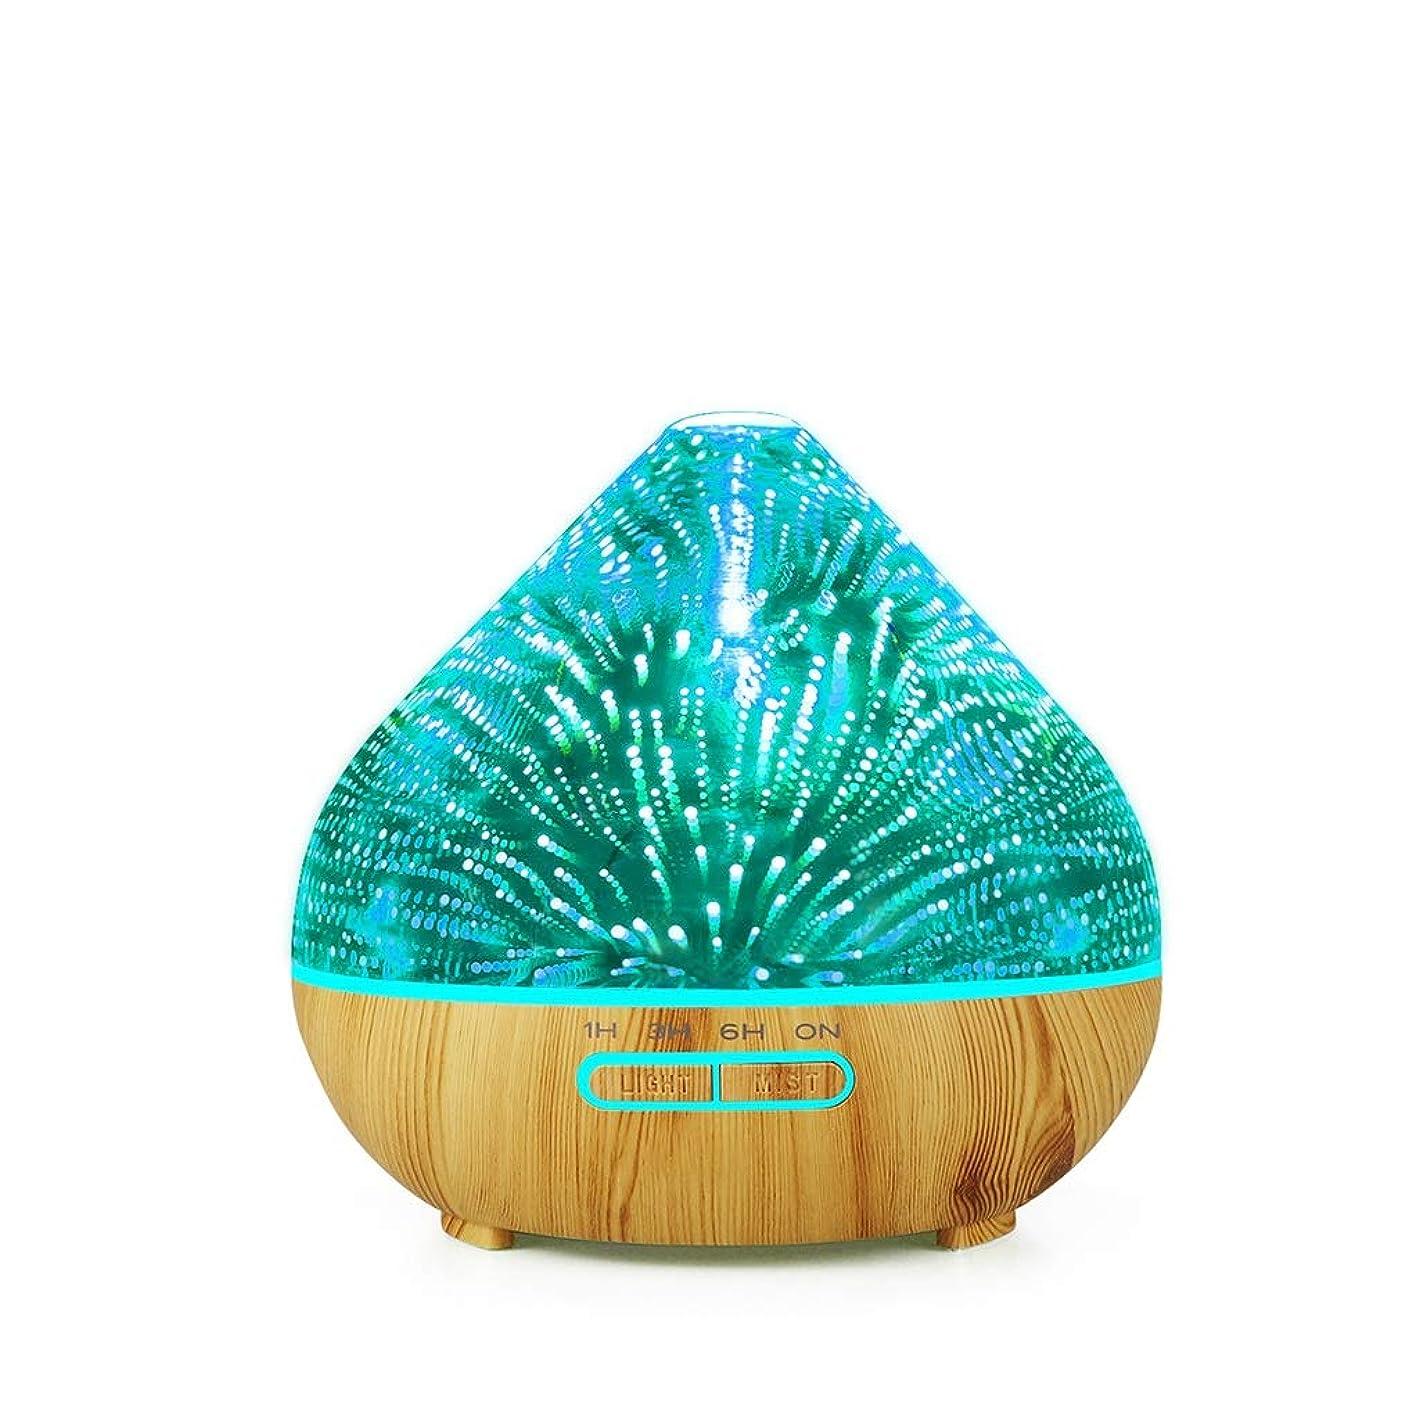 出身地たまにシリーズリードディフューザー 家庭用アロママシンの3Dグラスのアロママシンのホームインテリジェントアンチバーンドライ空気清浄加湿器超音波アロマサイレント YHDD (Color : B)